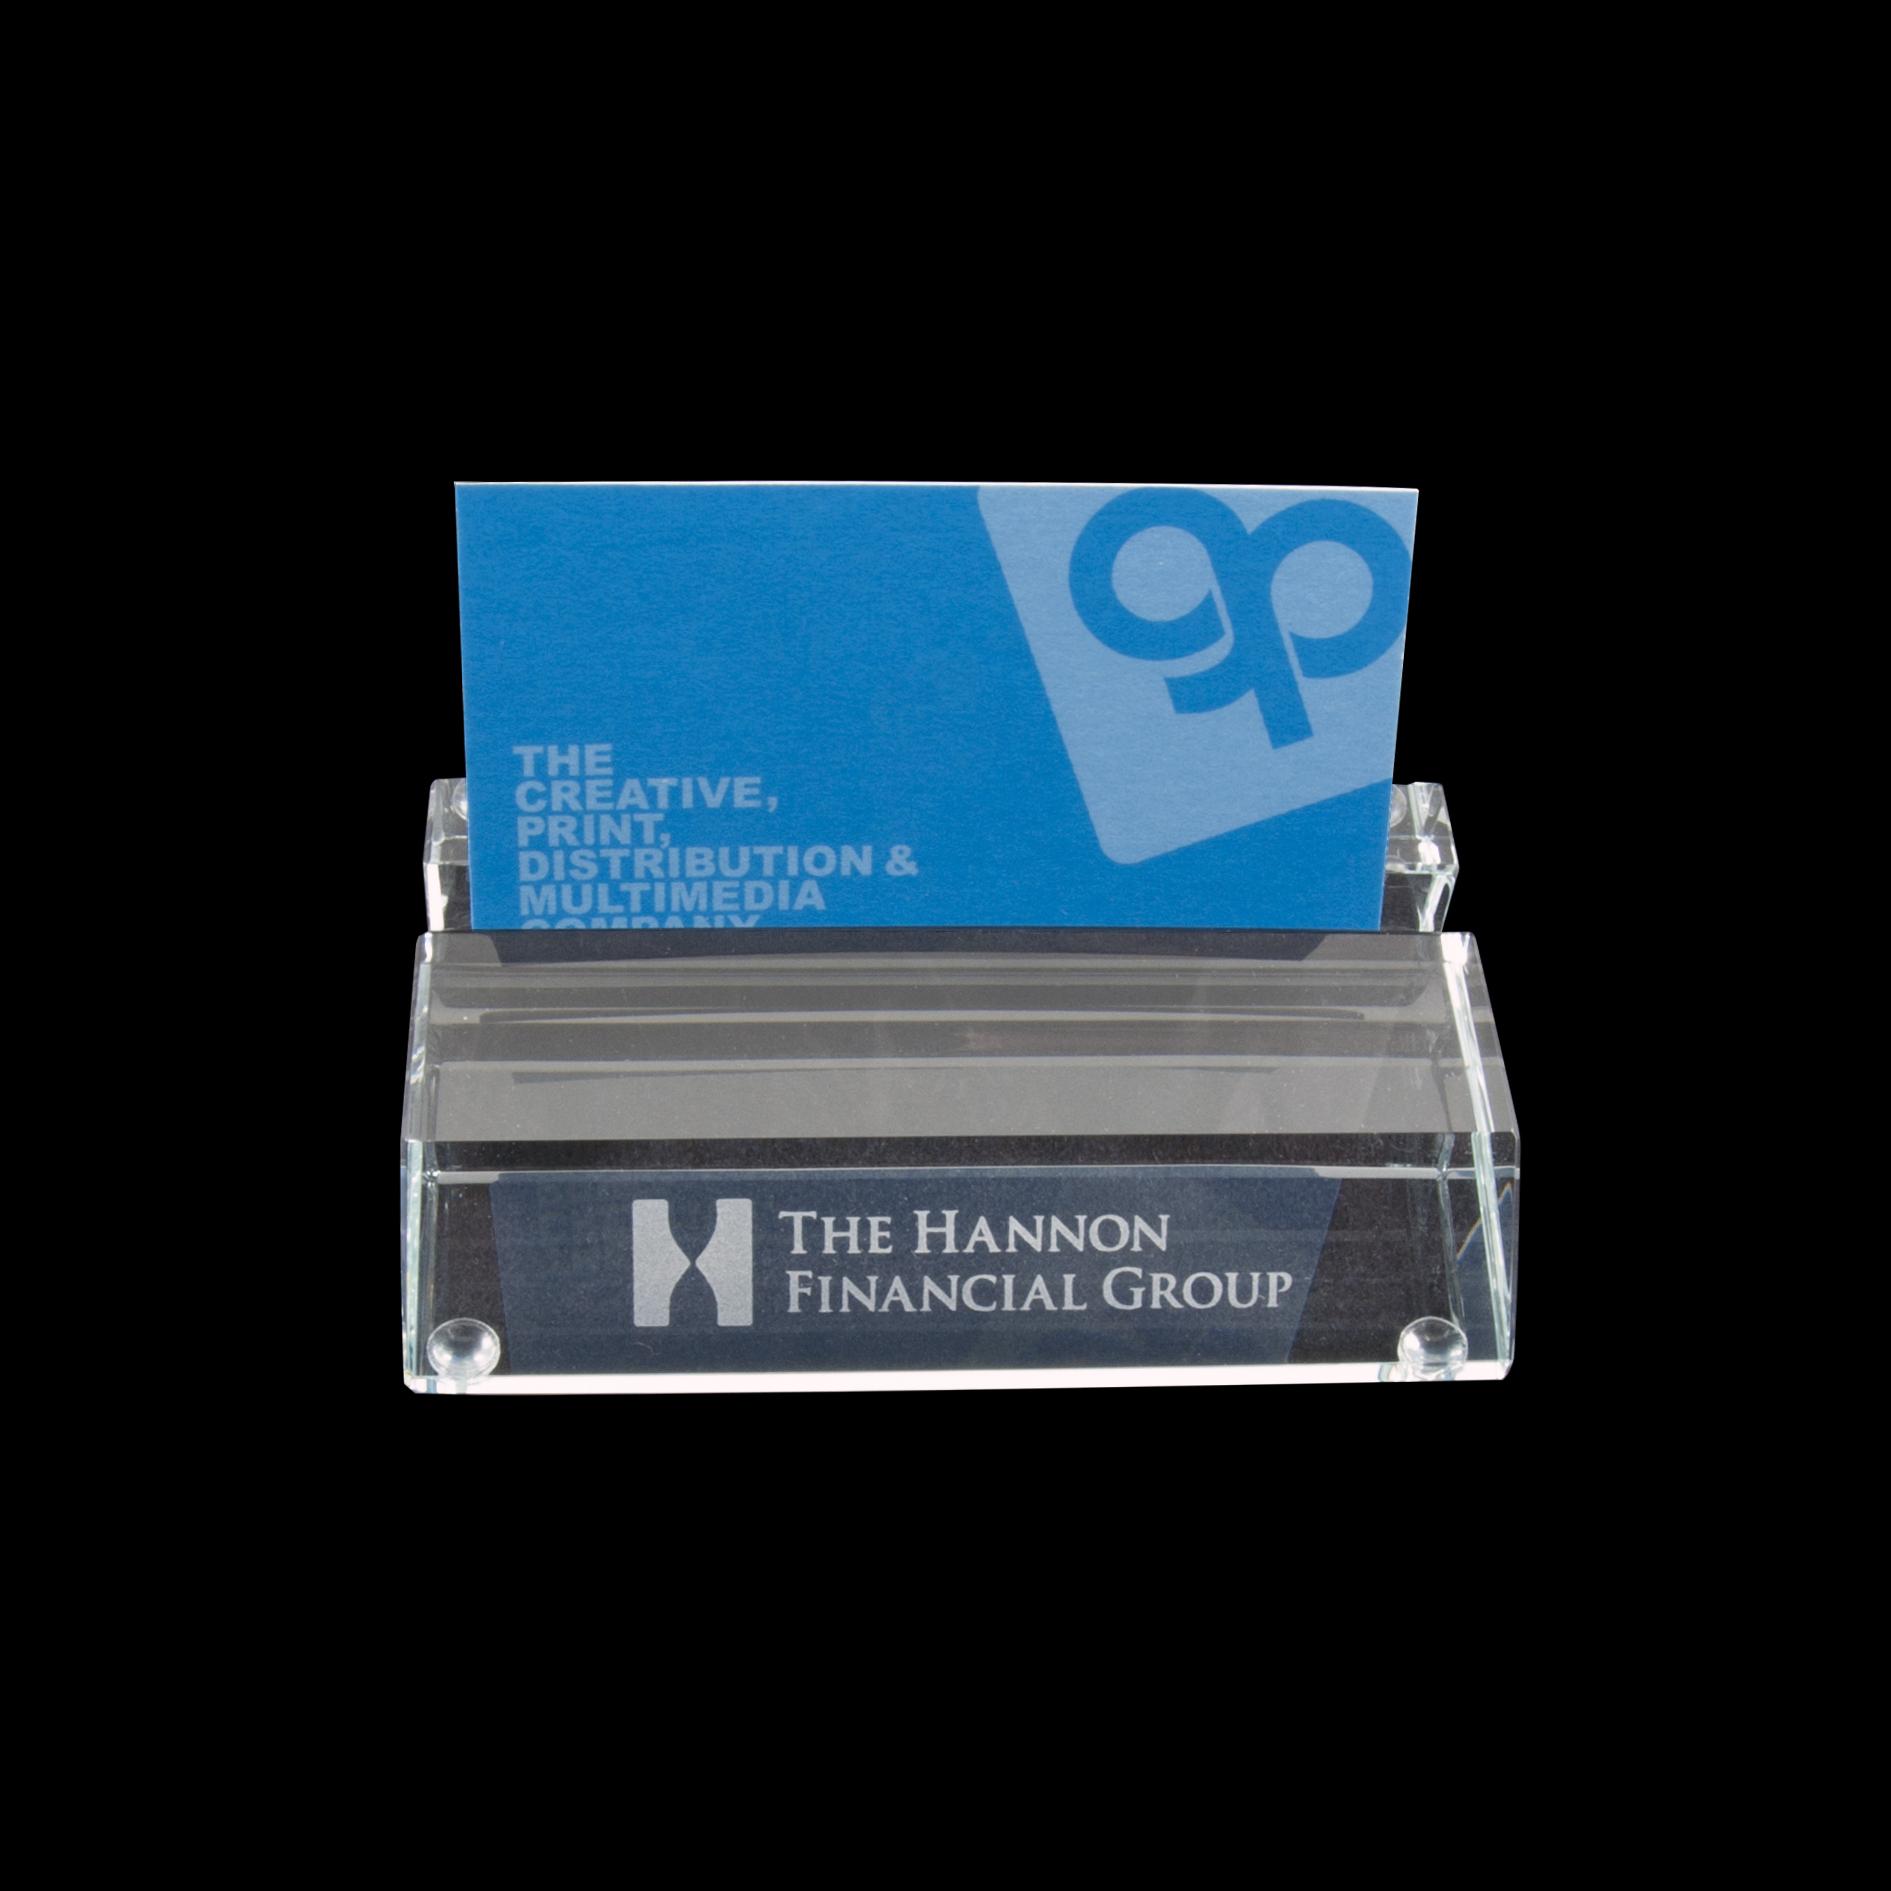 Hannon-Business-card-holder.jpg